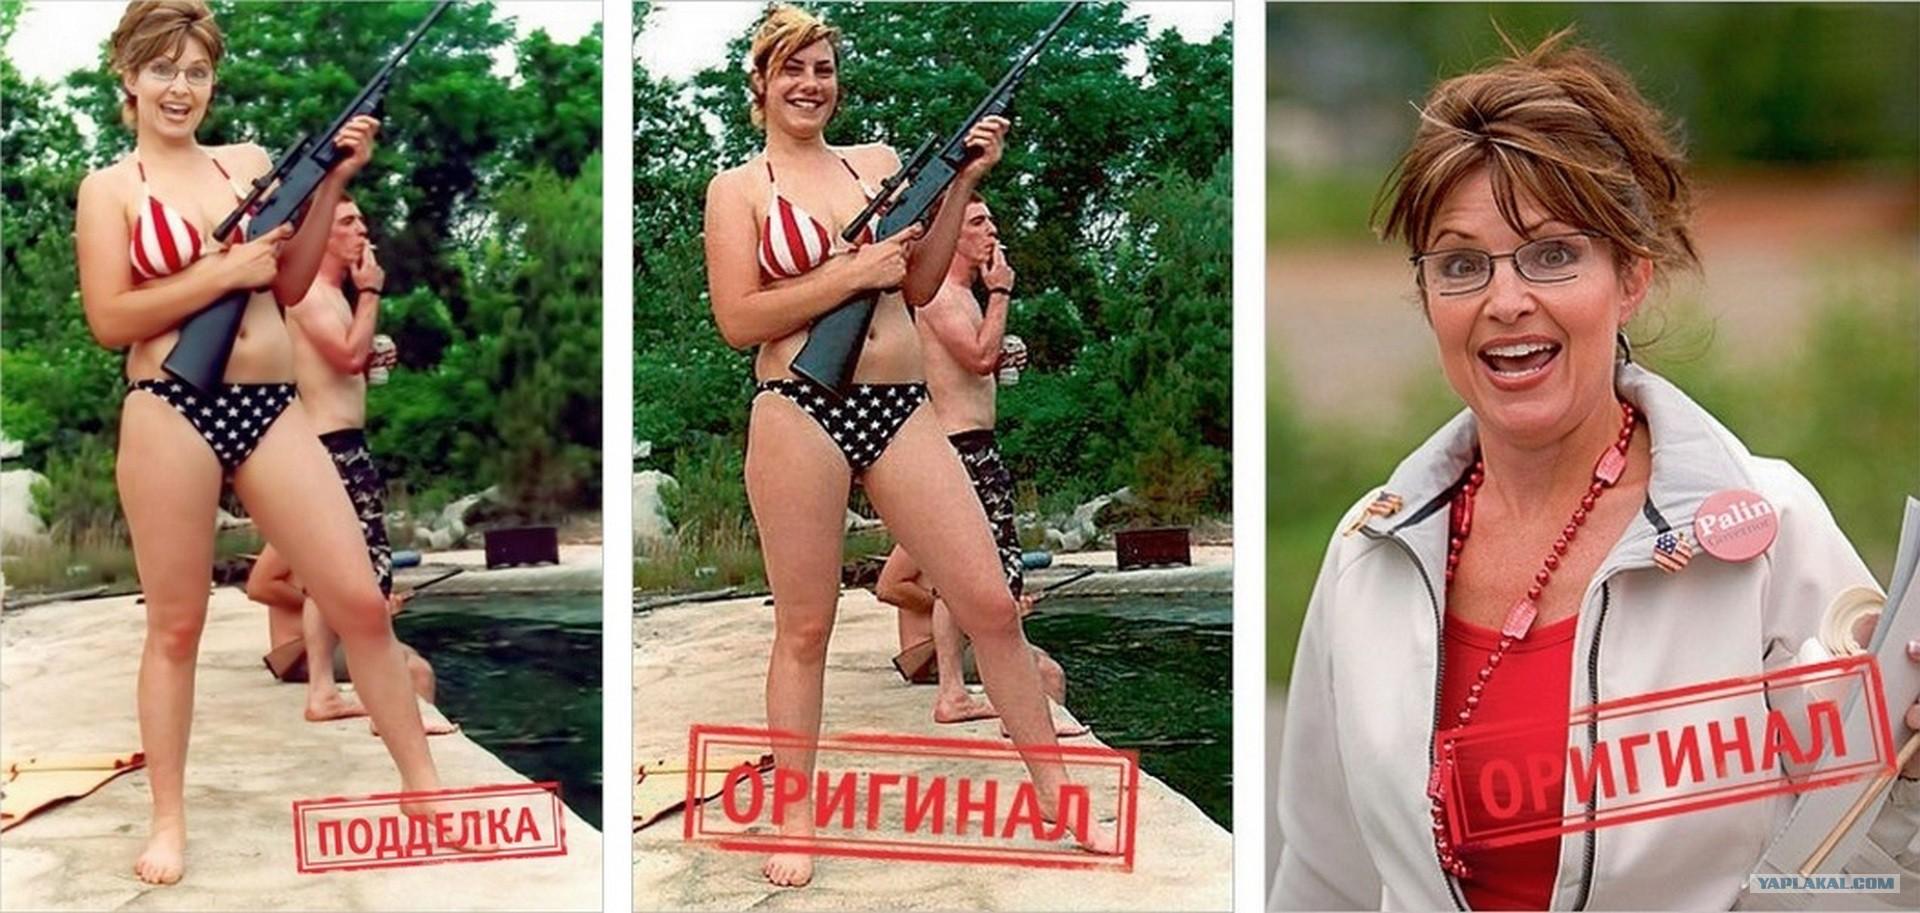 Mccain's vp in bikini photo hoax